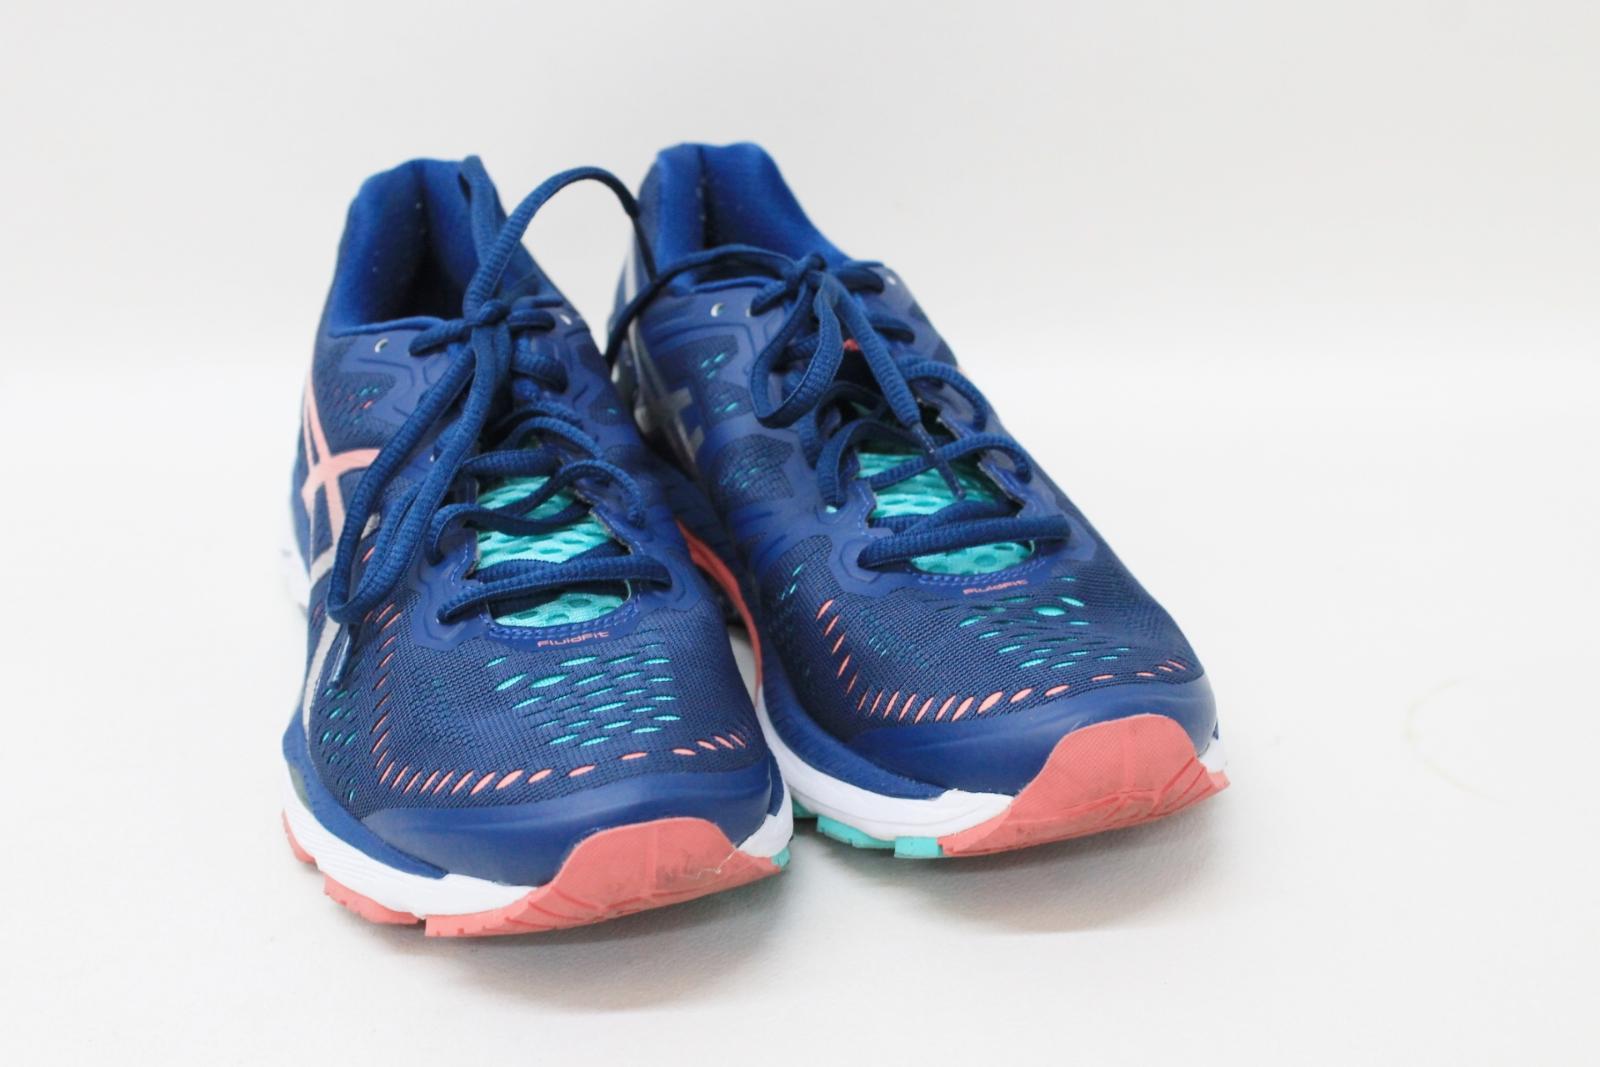 Fluid para Uk7 deporte marino cordones rosa con y Eu40 damas Fit Asics Zapatillas tamaño azul de UxR0wS0X